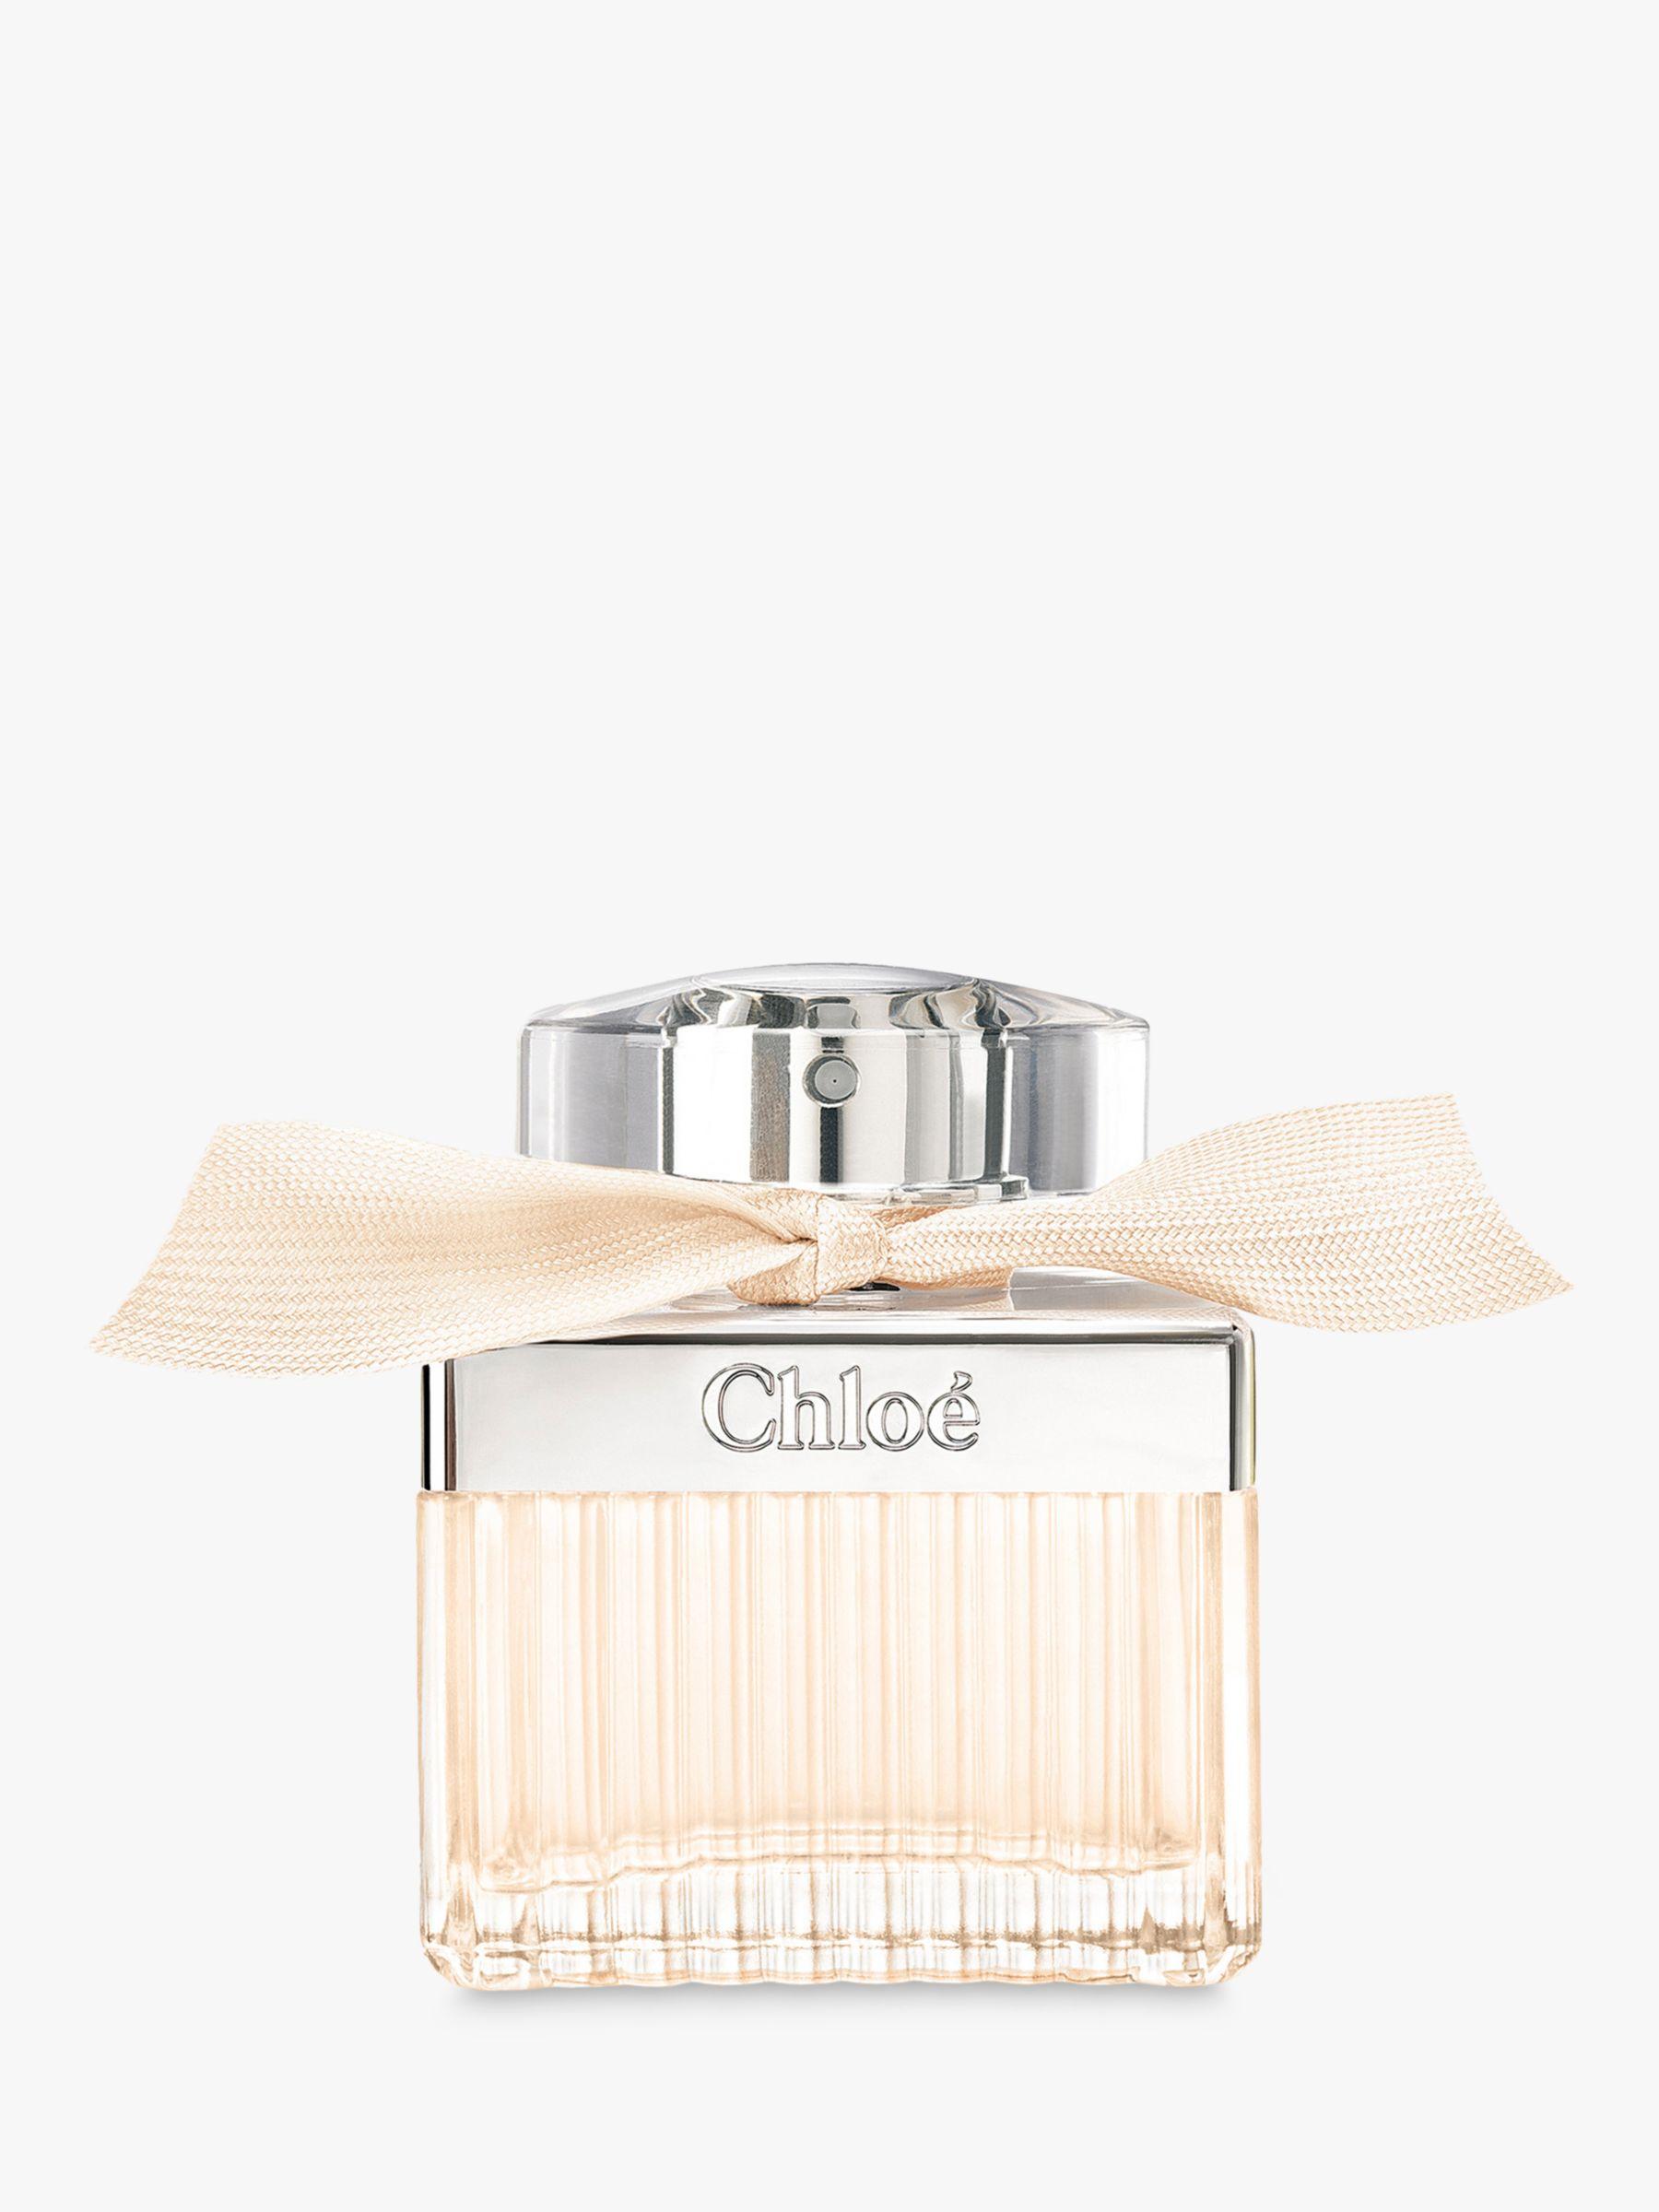 62262ad89d64 Chloé Fleur de Parfum Eau de Parfum at John Lewis & Partners